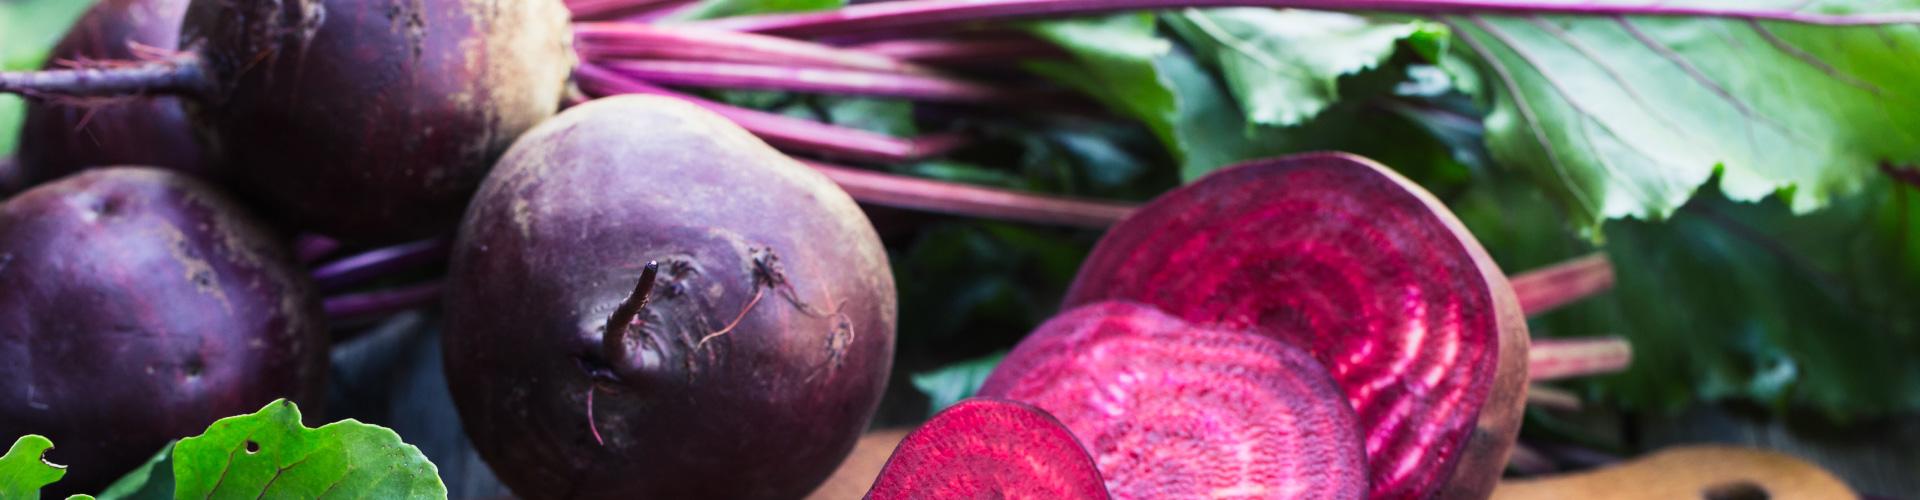 おいしいビーツを、南信州で無農薬栽培しています。